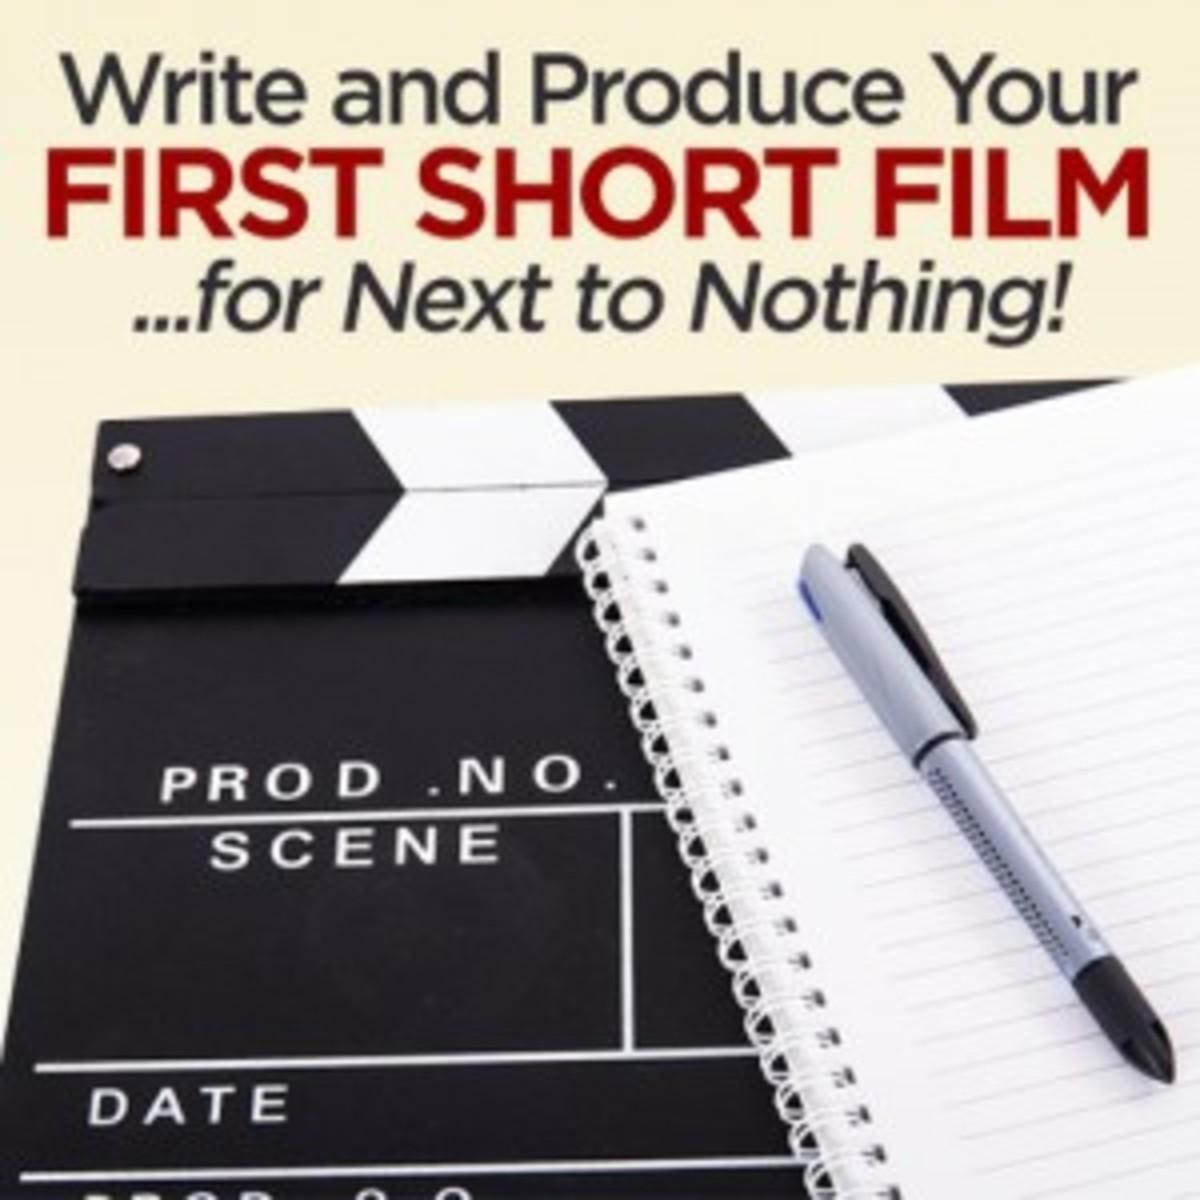 ws_firstshortfilm-500_medium